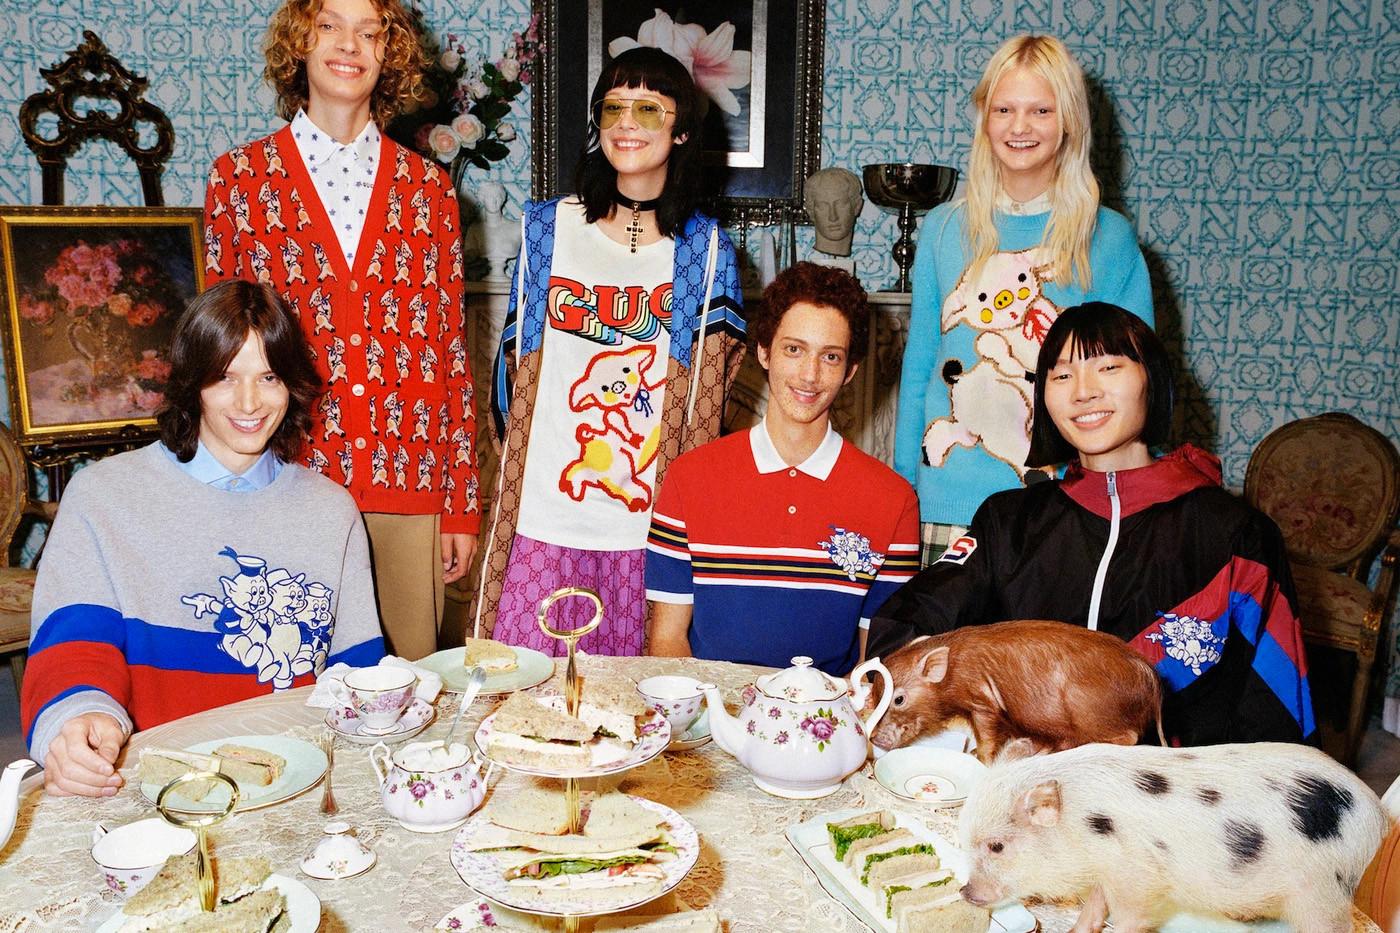 Rodzina podczas kolacji